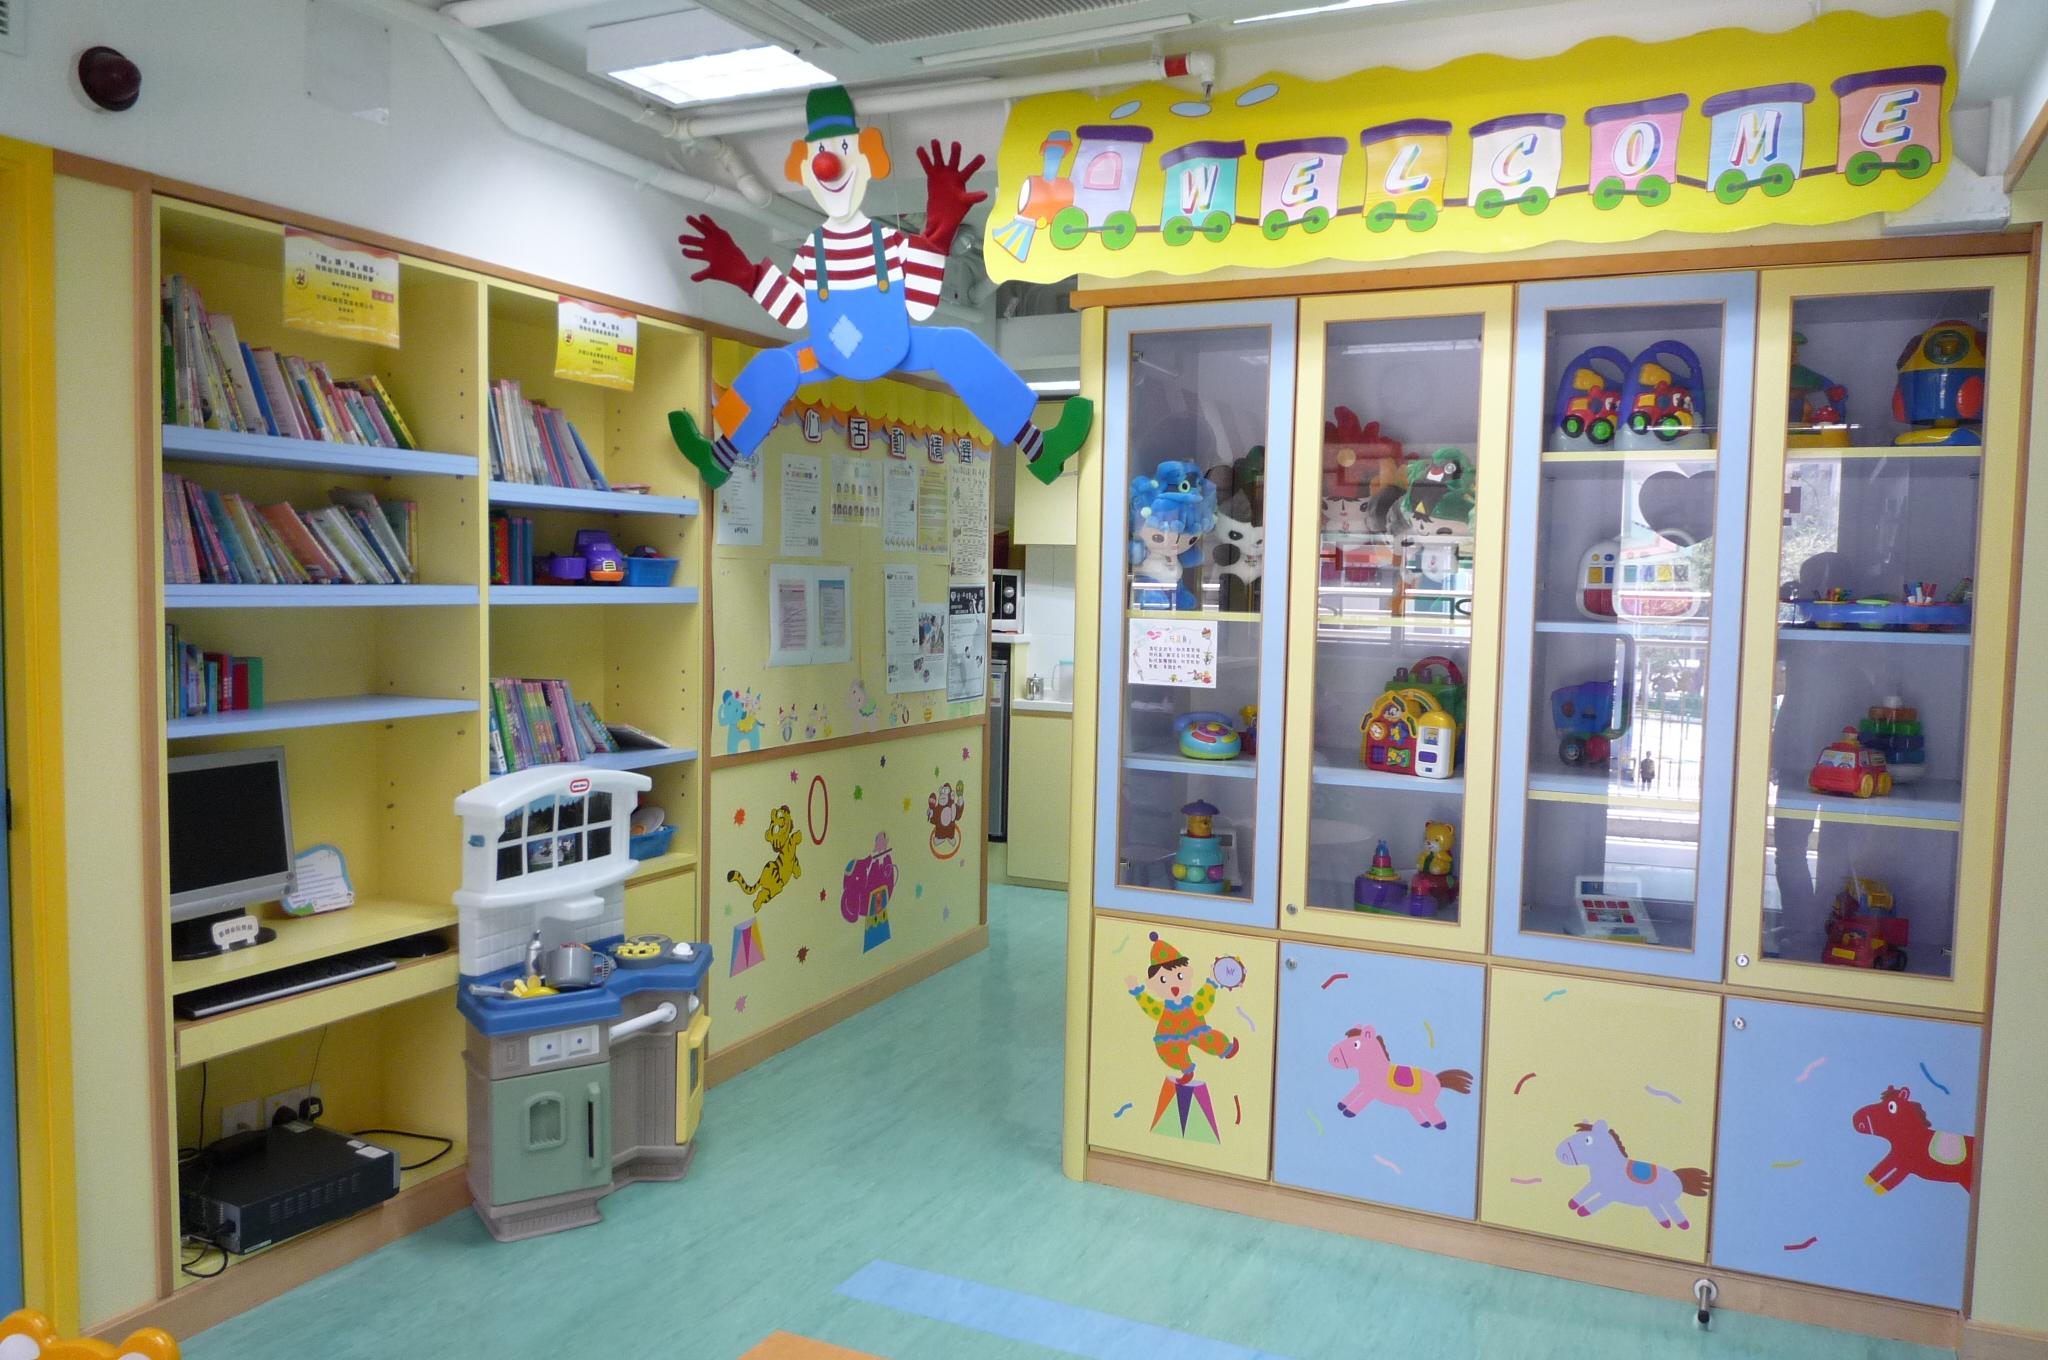 中心大堂:擺放了不同玩具、圖書、光碟及電腦供兒童及家長使用